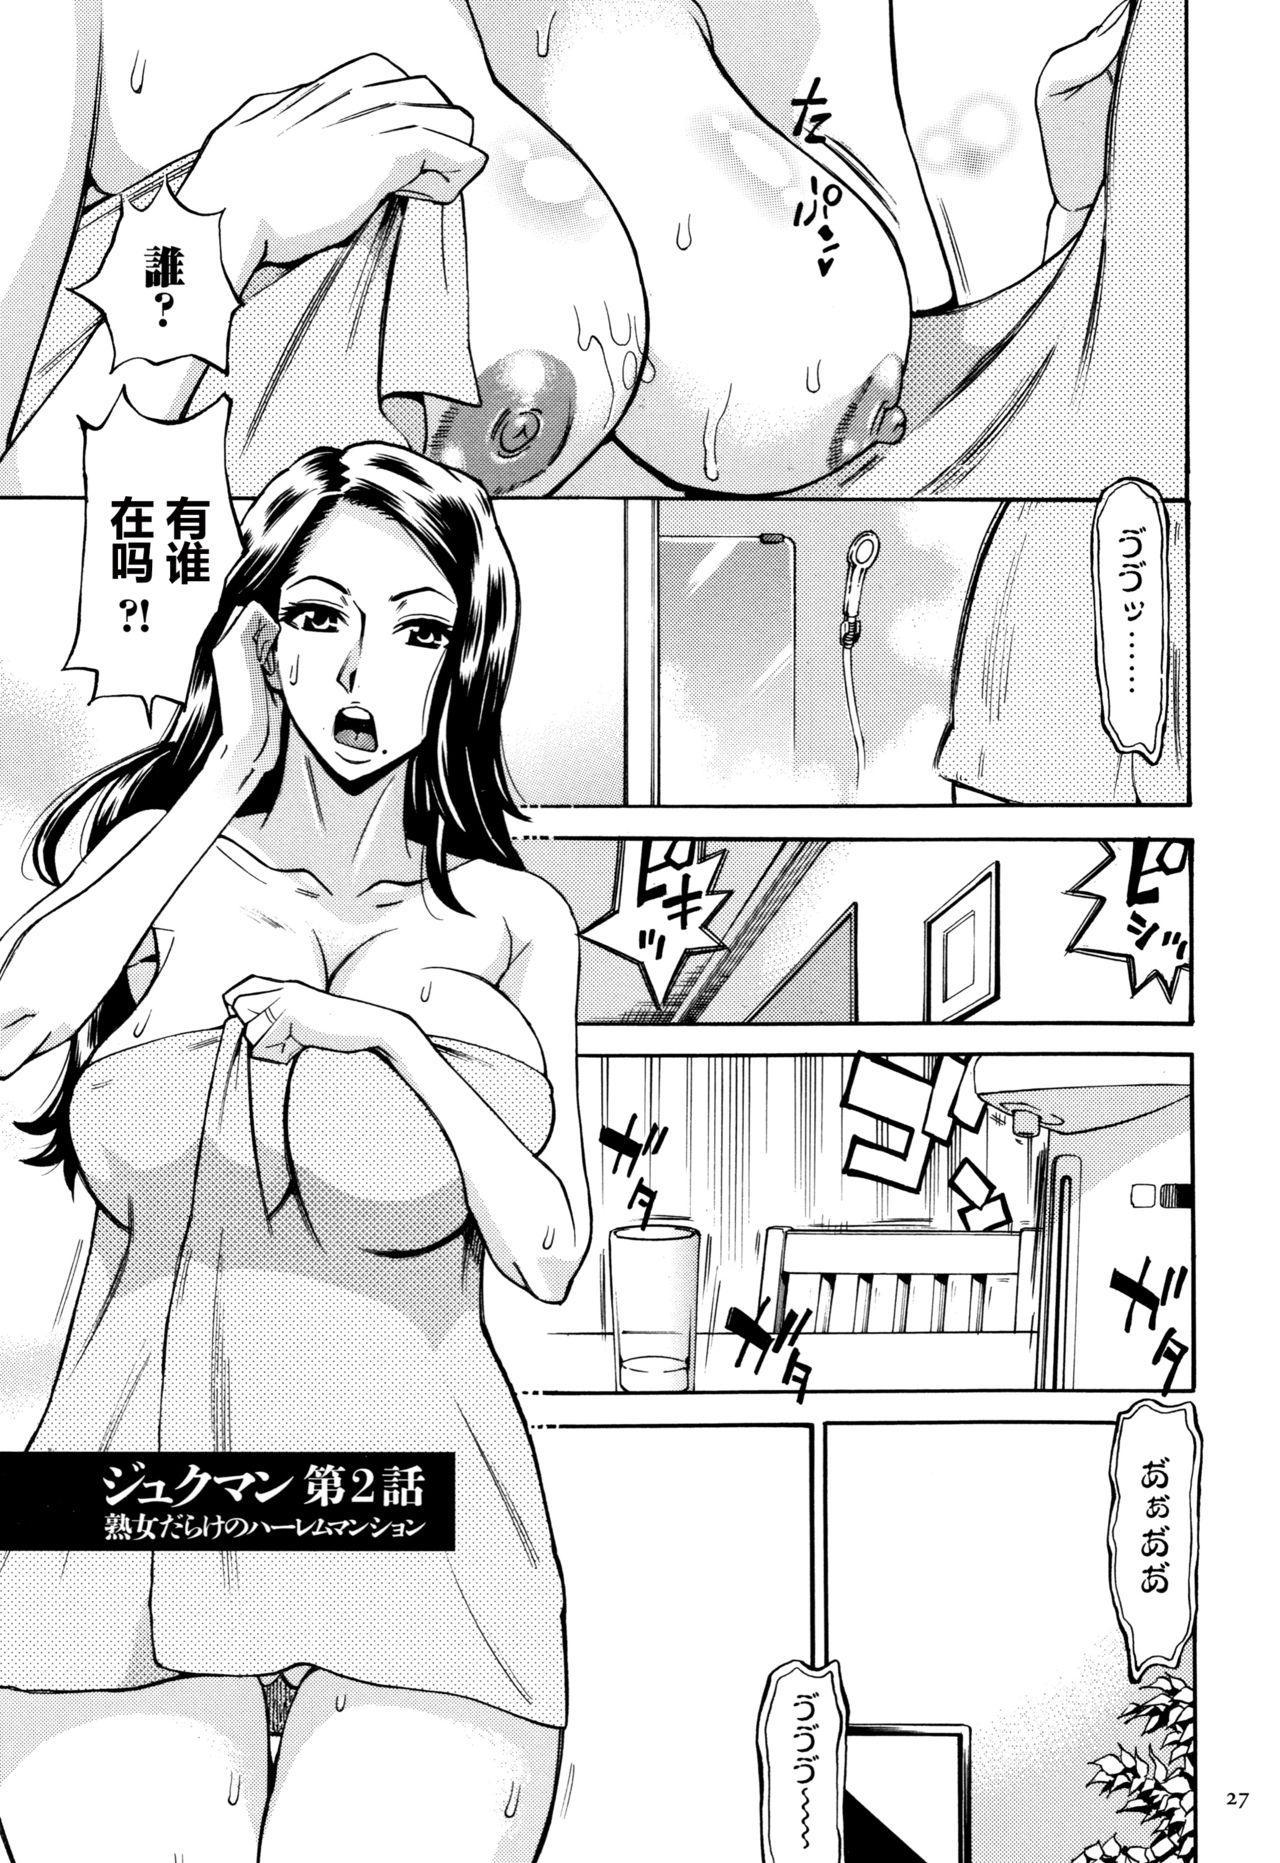 Oba-san dakedo, Daite Hoshii. 27